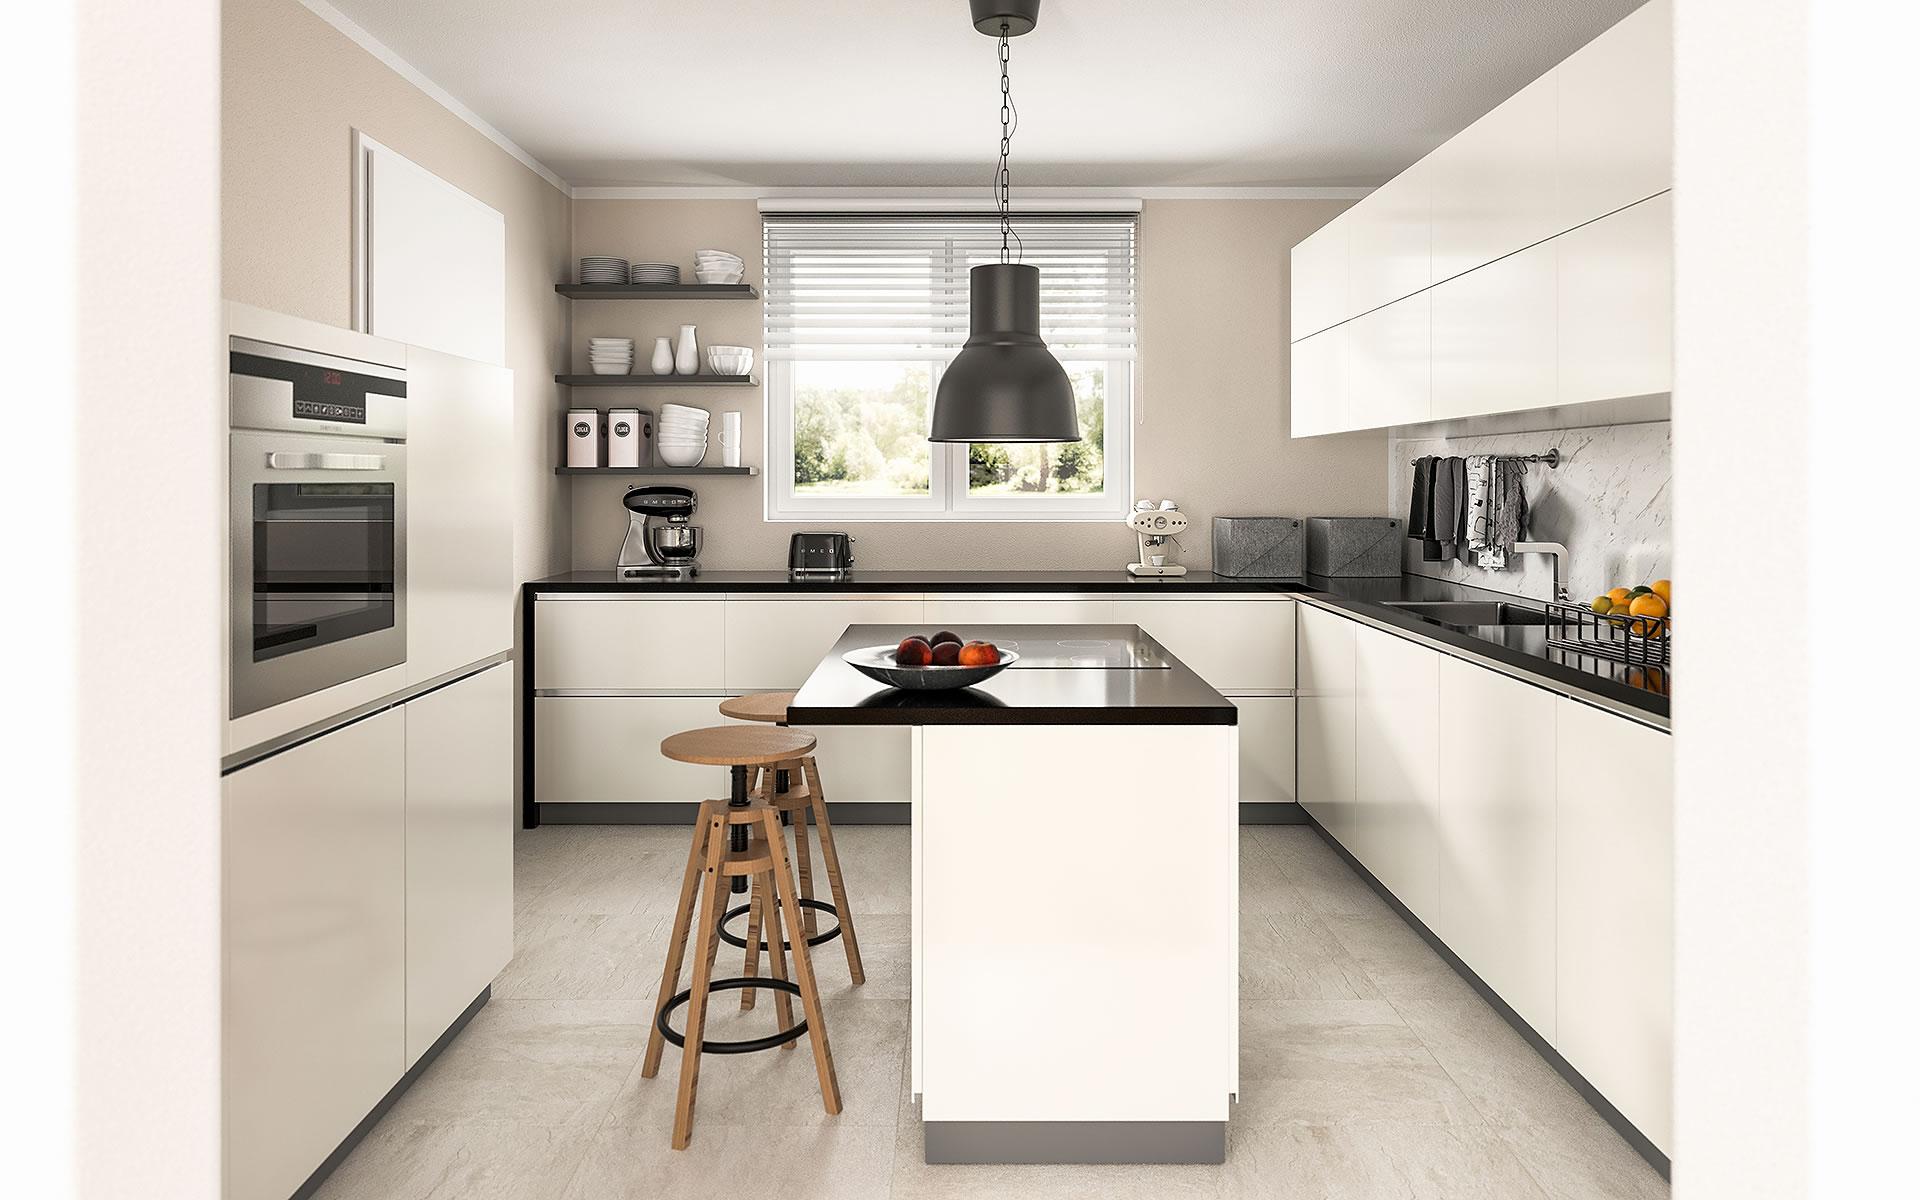 Flair 125 von Town & Country Haus Lizenzgeber GmbH